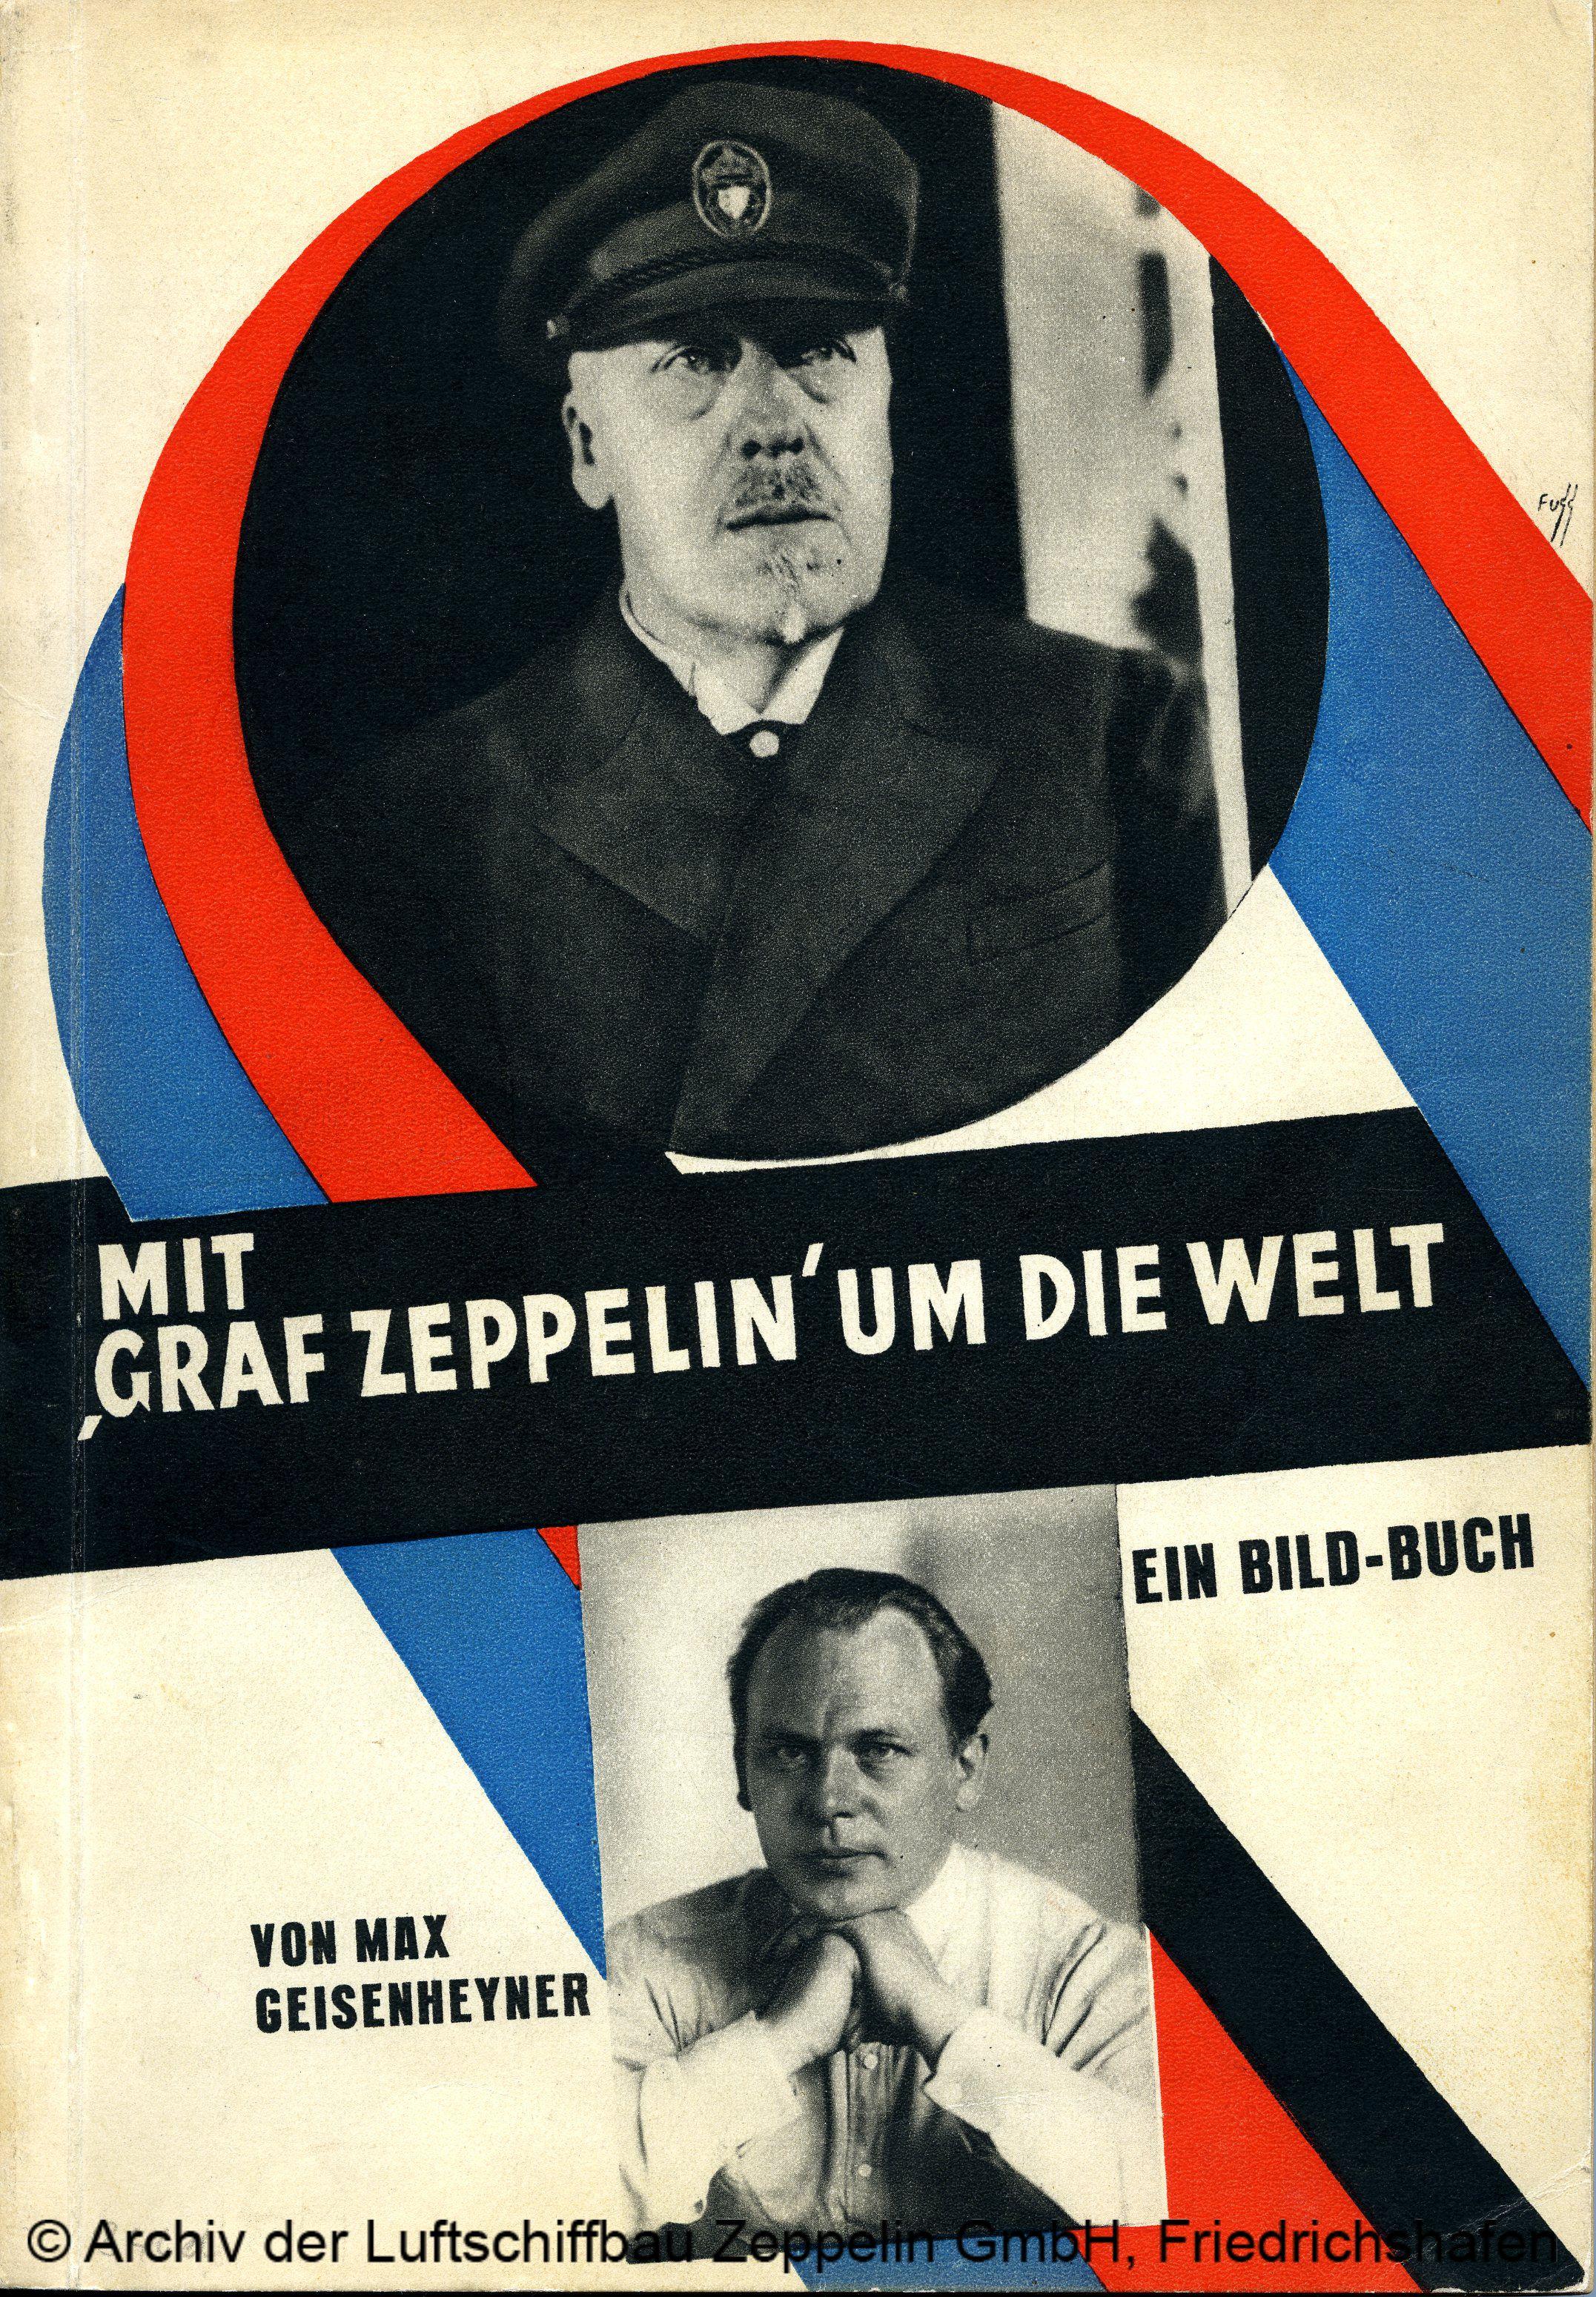 © Archiv der Luftschiffbau Zeppelin GmbH